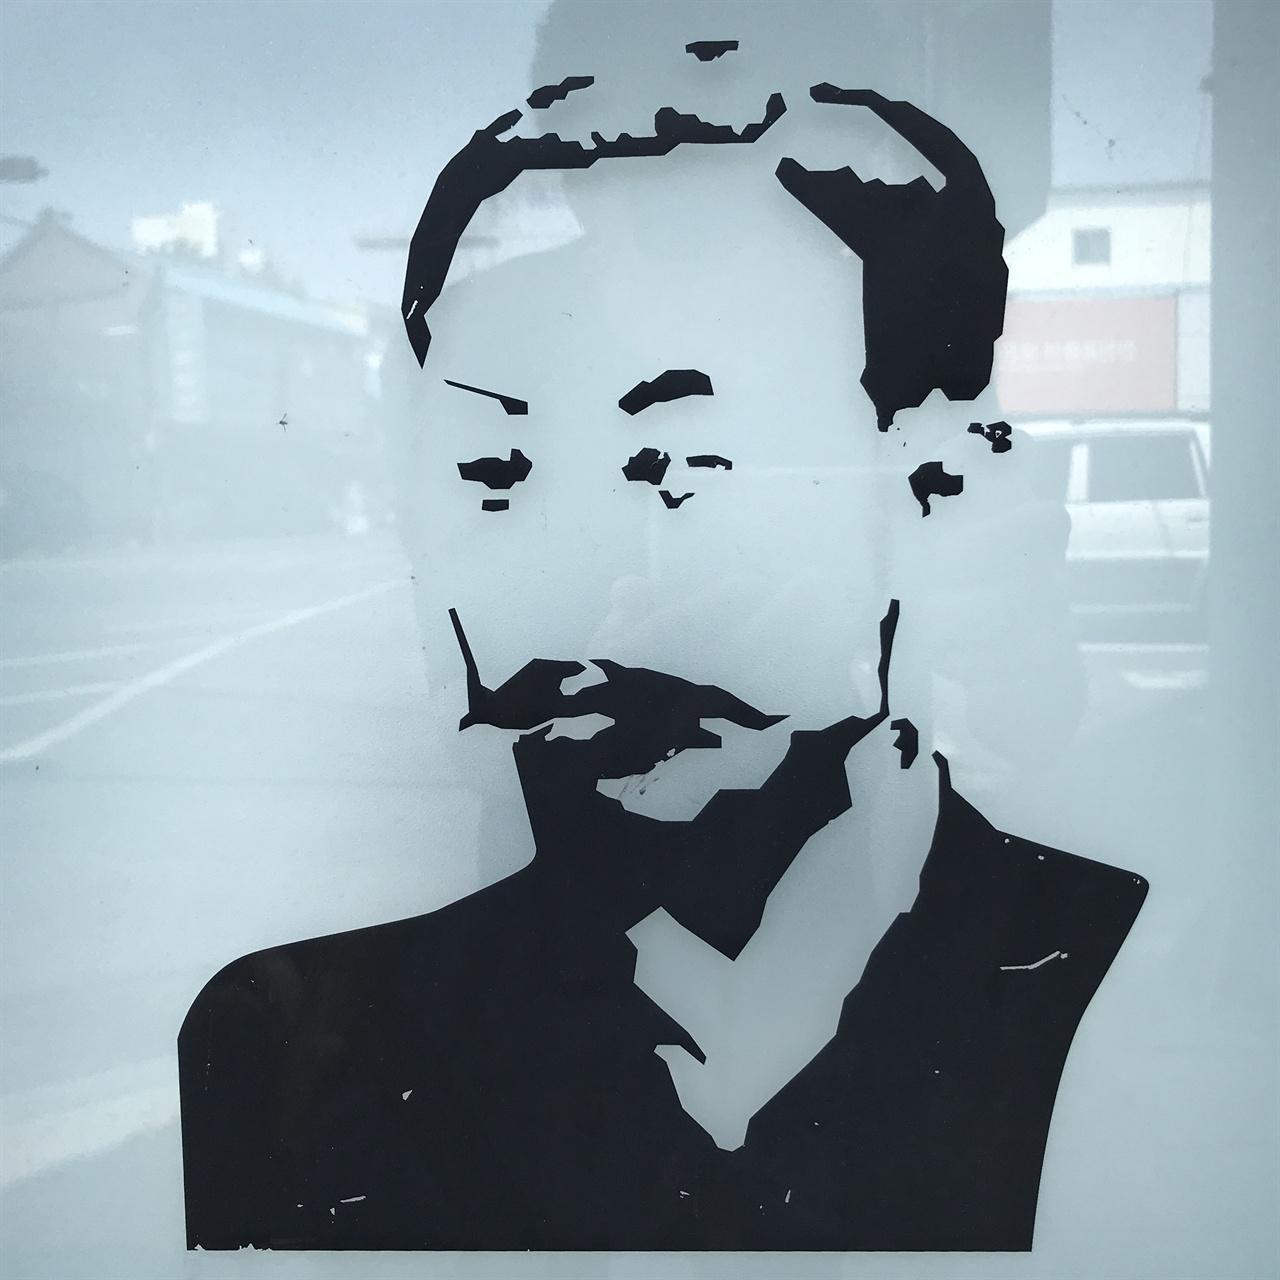 소남 이일우 이일우는 1870년 10월 4일 태어나 1936년 8월 15일 세상을 떠났다. 아버지 금남 이동진이 세운 '도서관' 우현서루를 이어받아 운영했다. DGB대구은행 북성로 지점에 새겨진 소남 이일우 상.